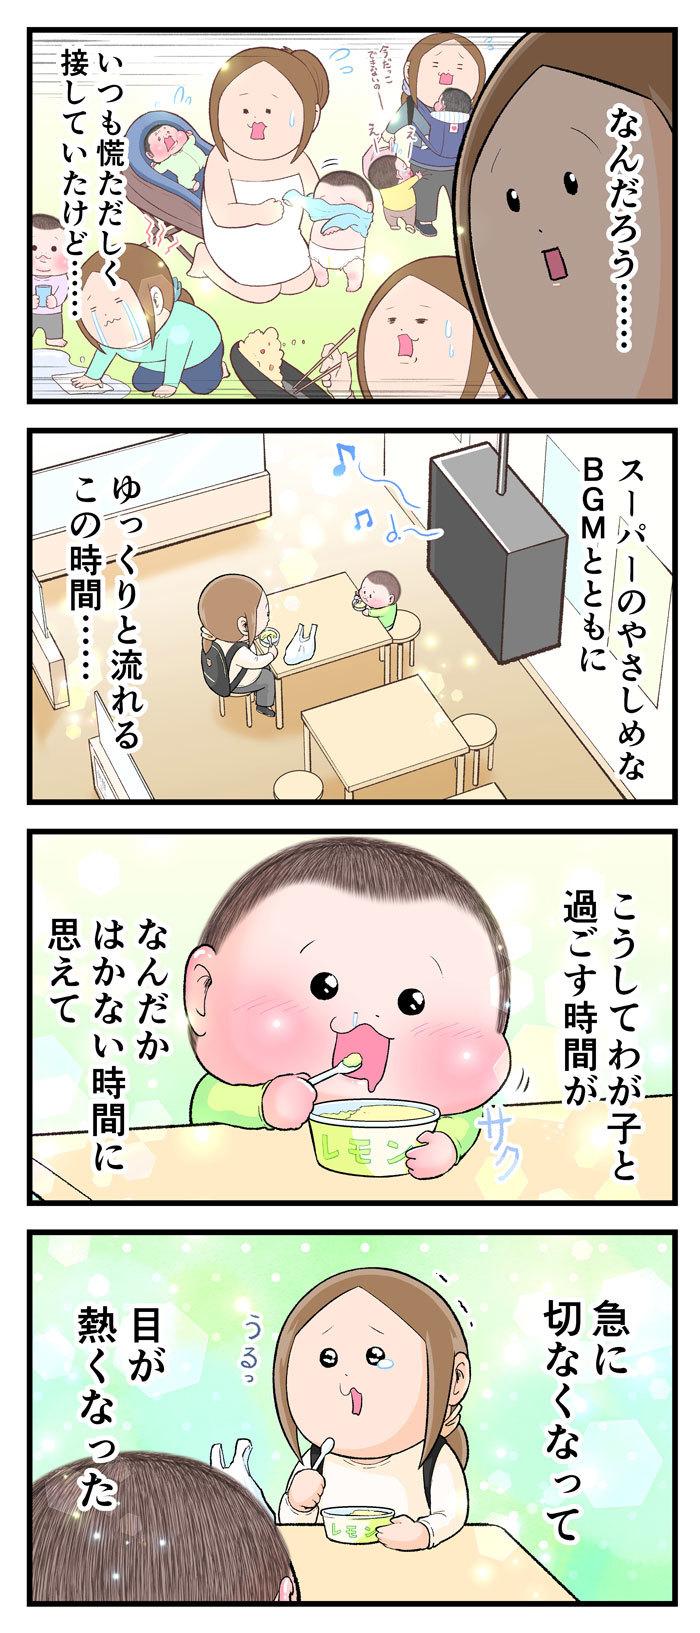 発熱した息子と食べたレモンアイスの味に、なんだか涙が出てしまった話の画像5